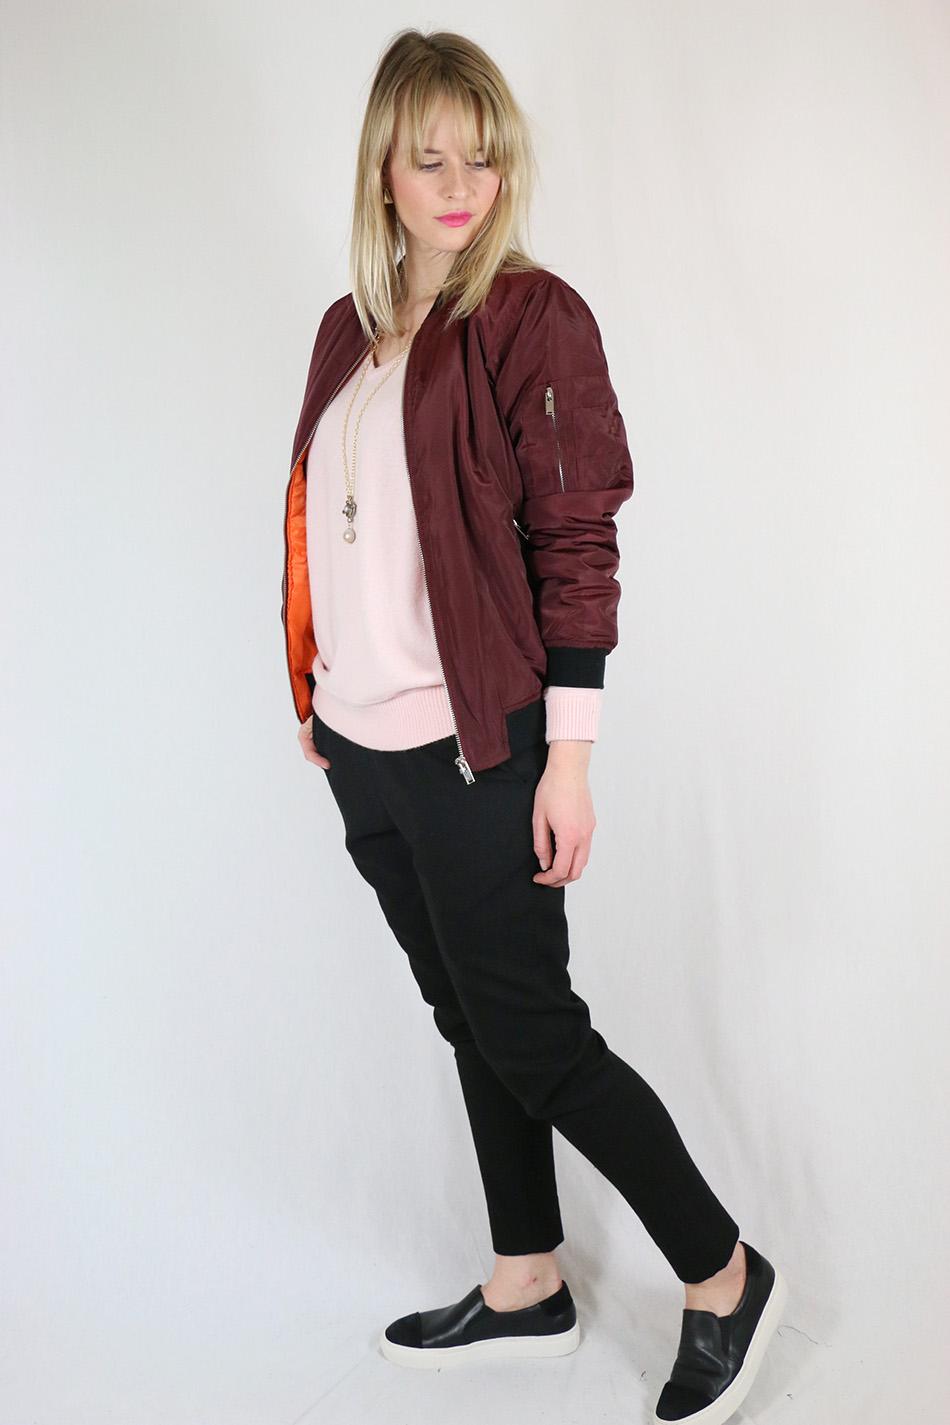 Fringe and Doll Burgundy Bomber jacketIMG_0644